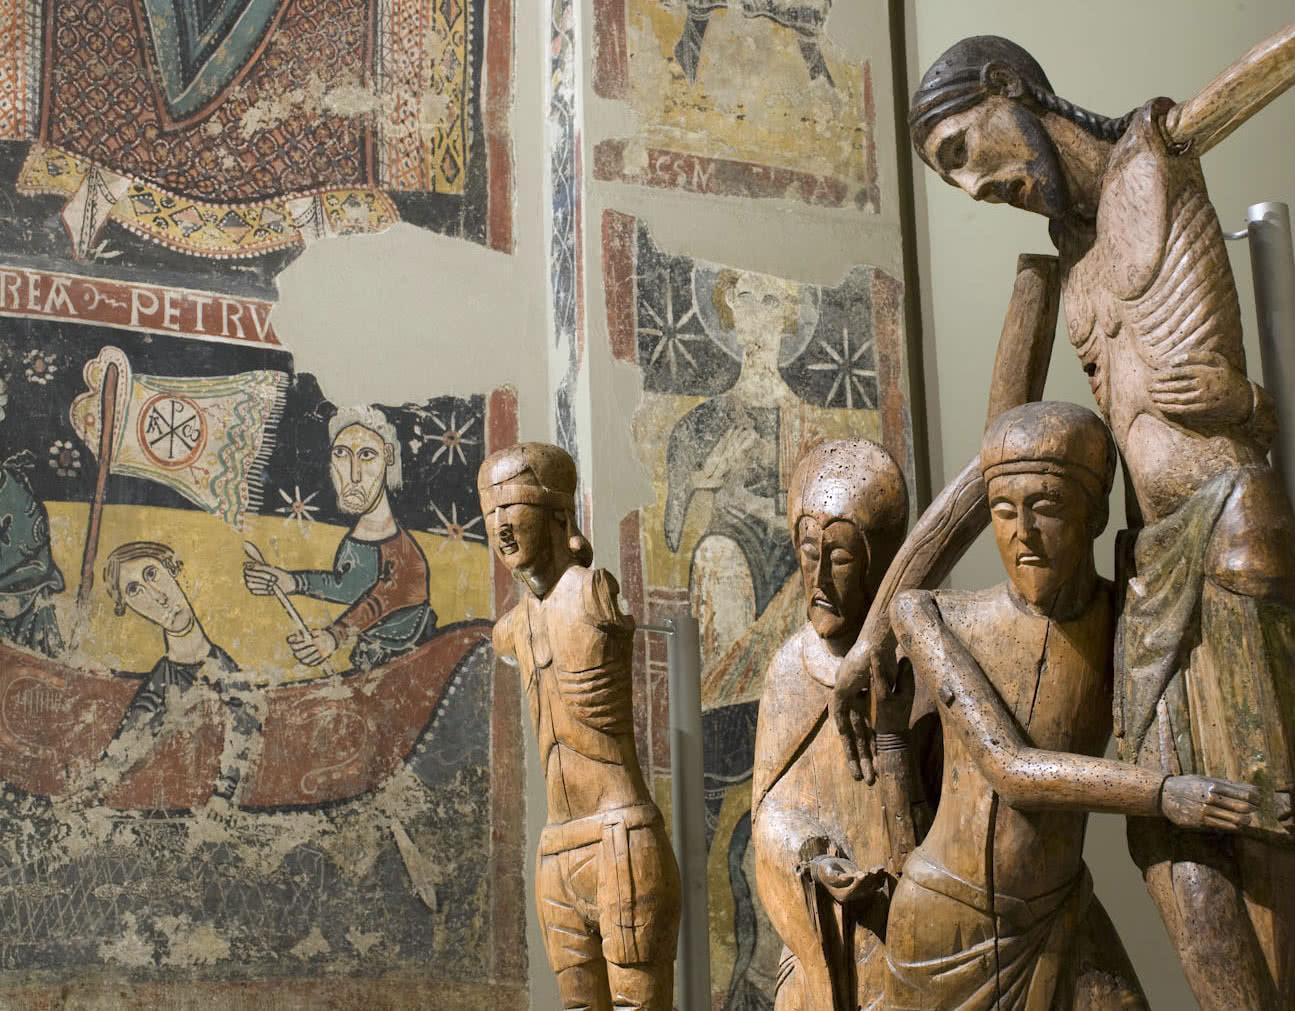 Crist del davallament de Santa Maria de Taüll, detall. Museu Nacional d'Art de Catalunya.